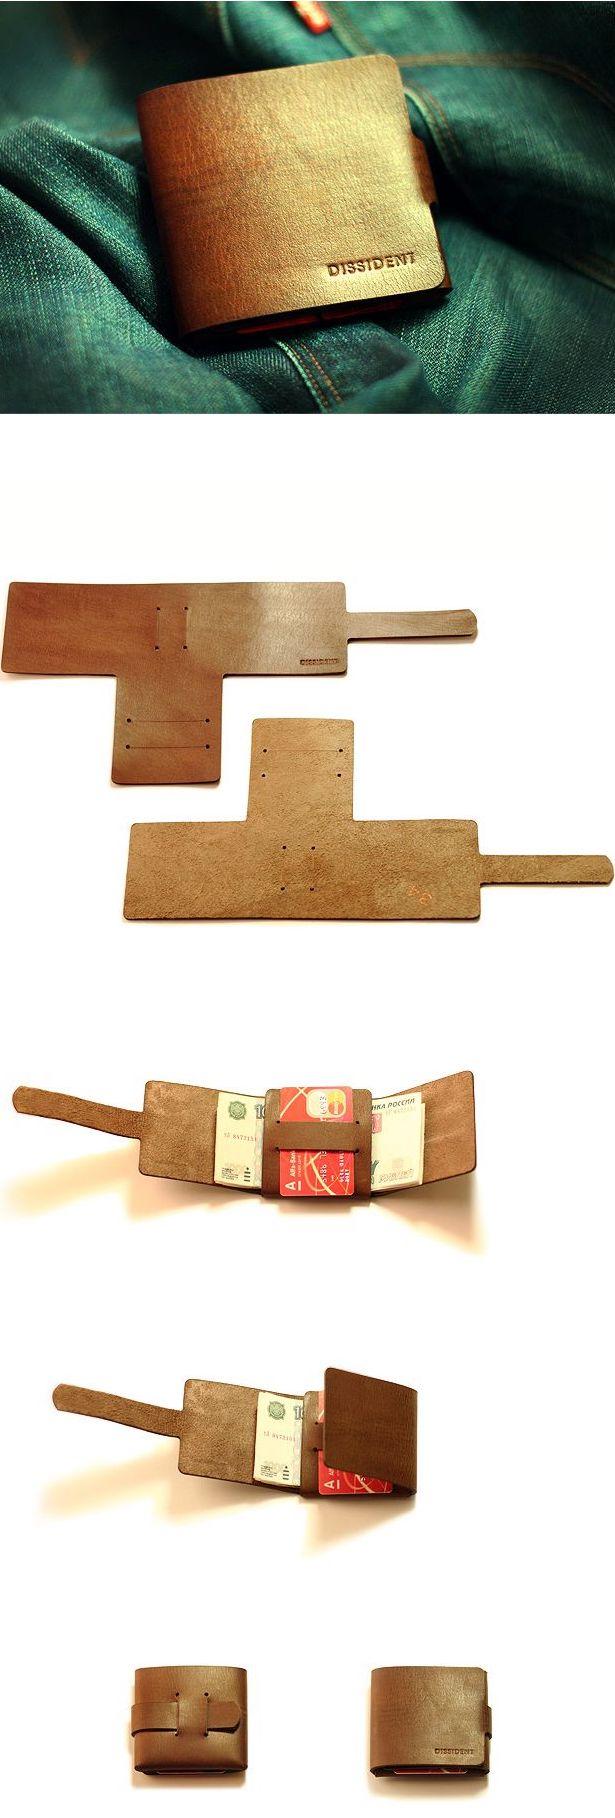 Как сделать бумажник из кожи. ТОП 5 Идей